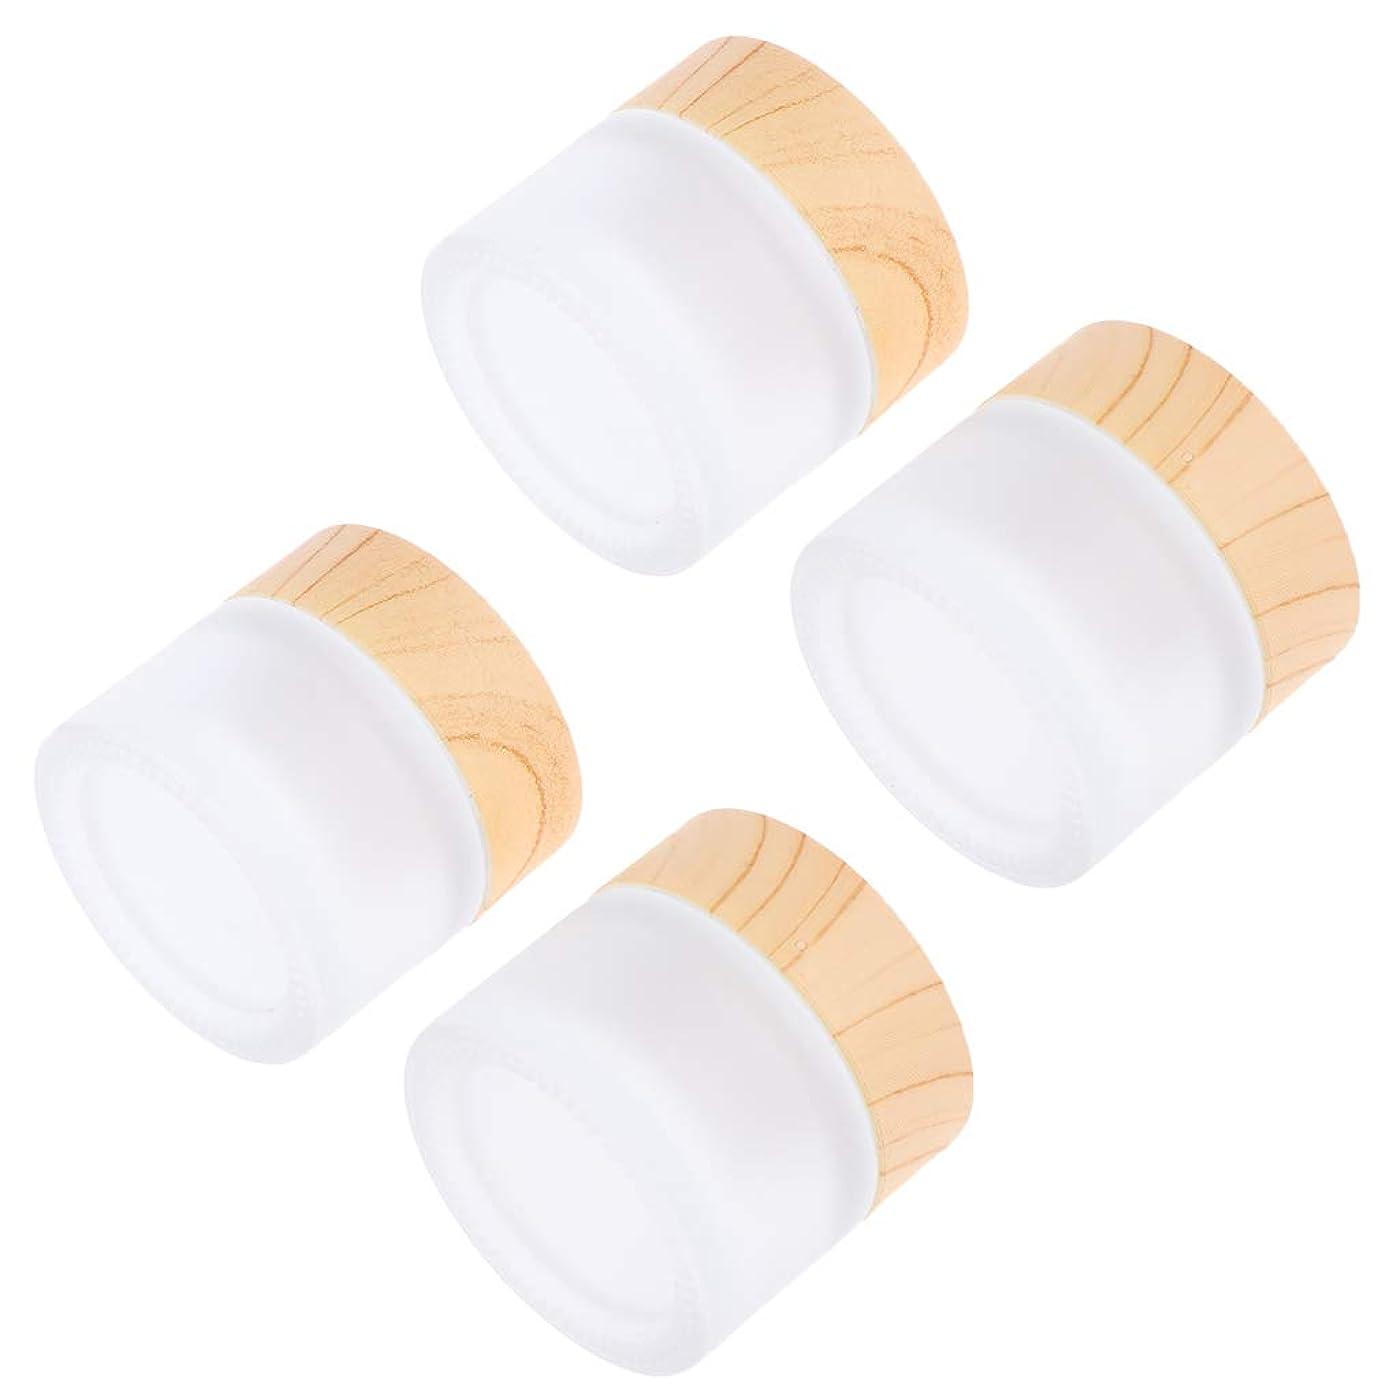 振る怖がって死ぬ分泌するB Baosity 4個 メイクアップジャー コスメ 詰替え容器 蓋付き ポット DIY ガラス コンテナ 4サイズ選べ - 10g